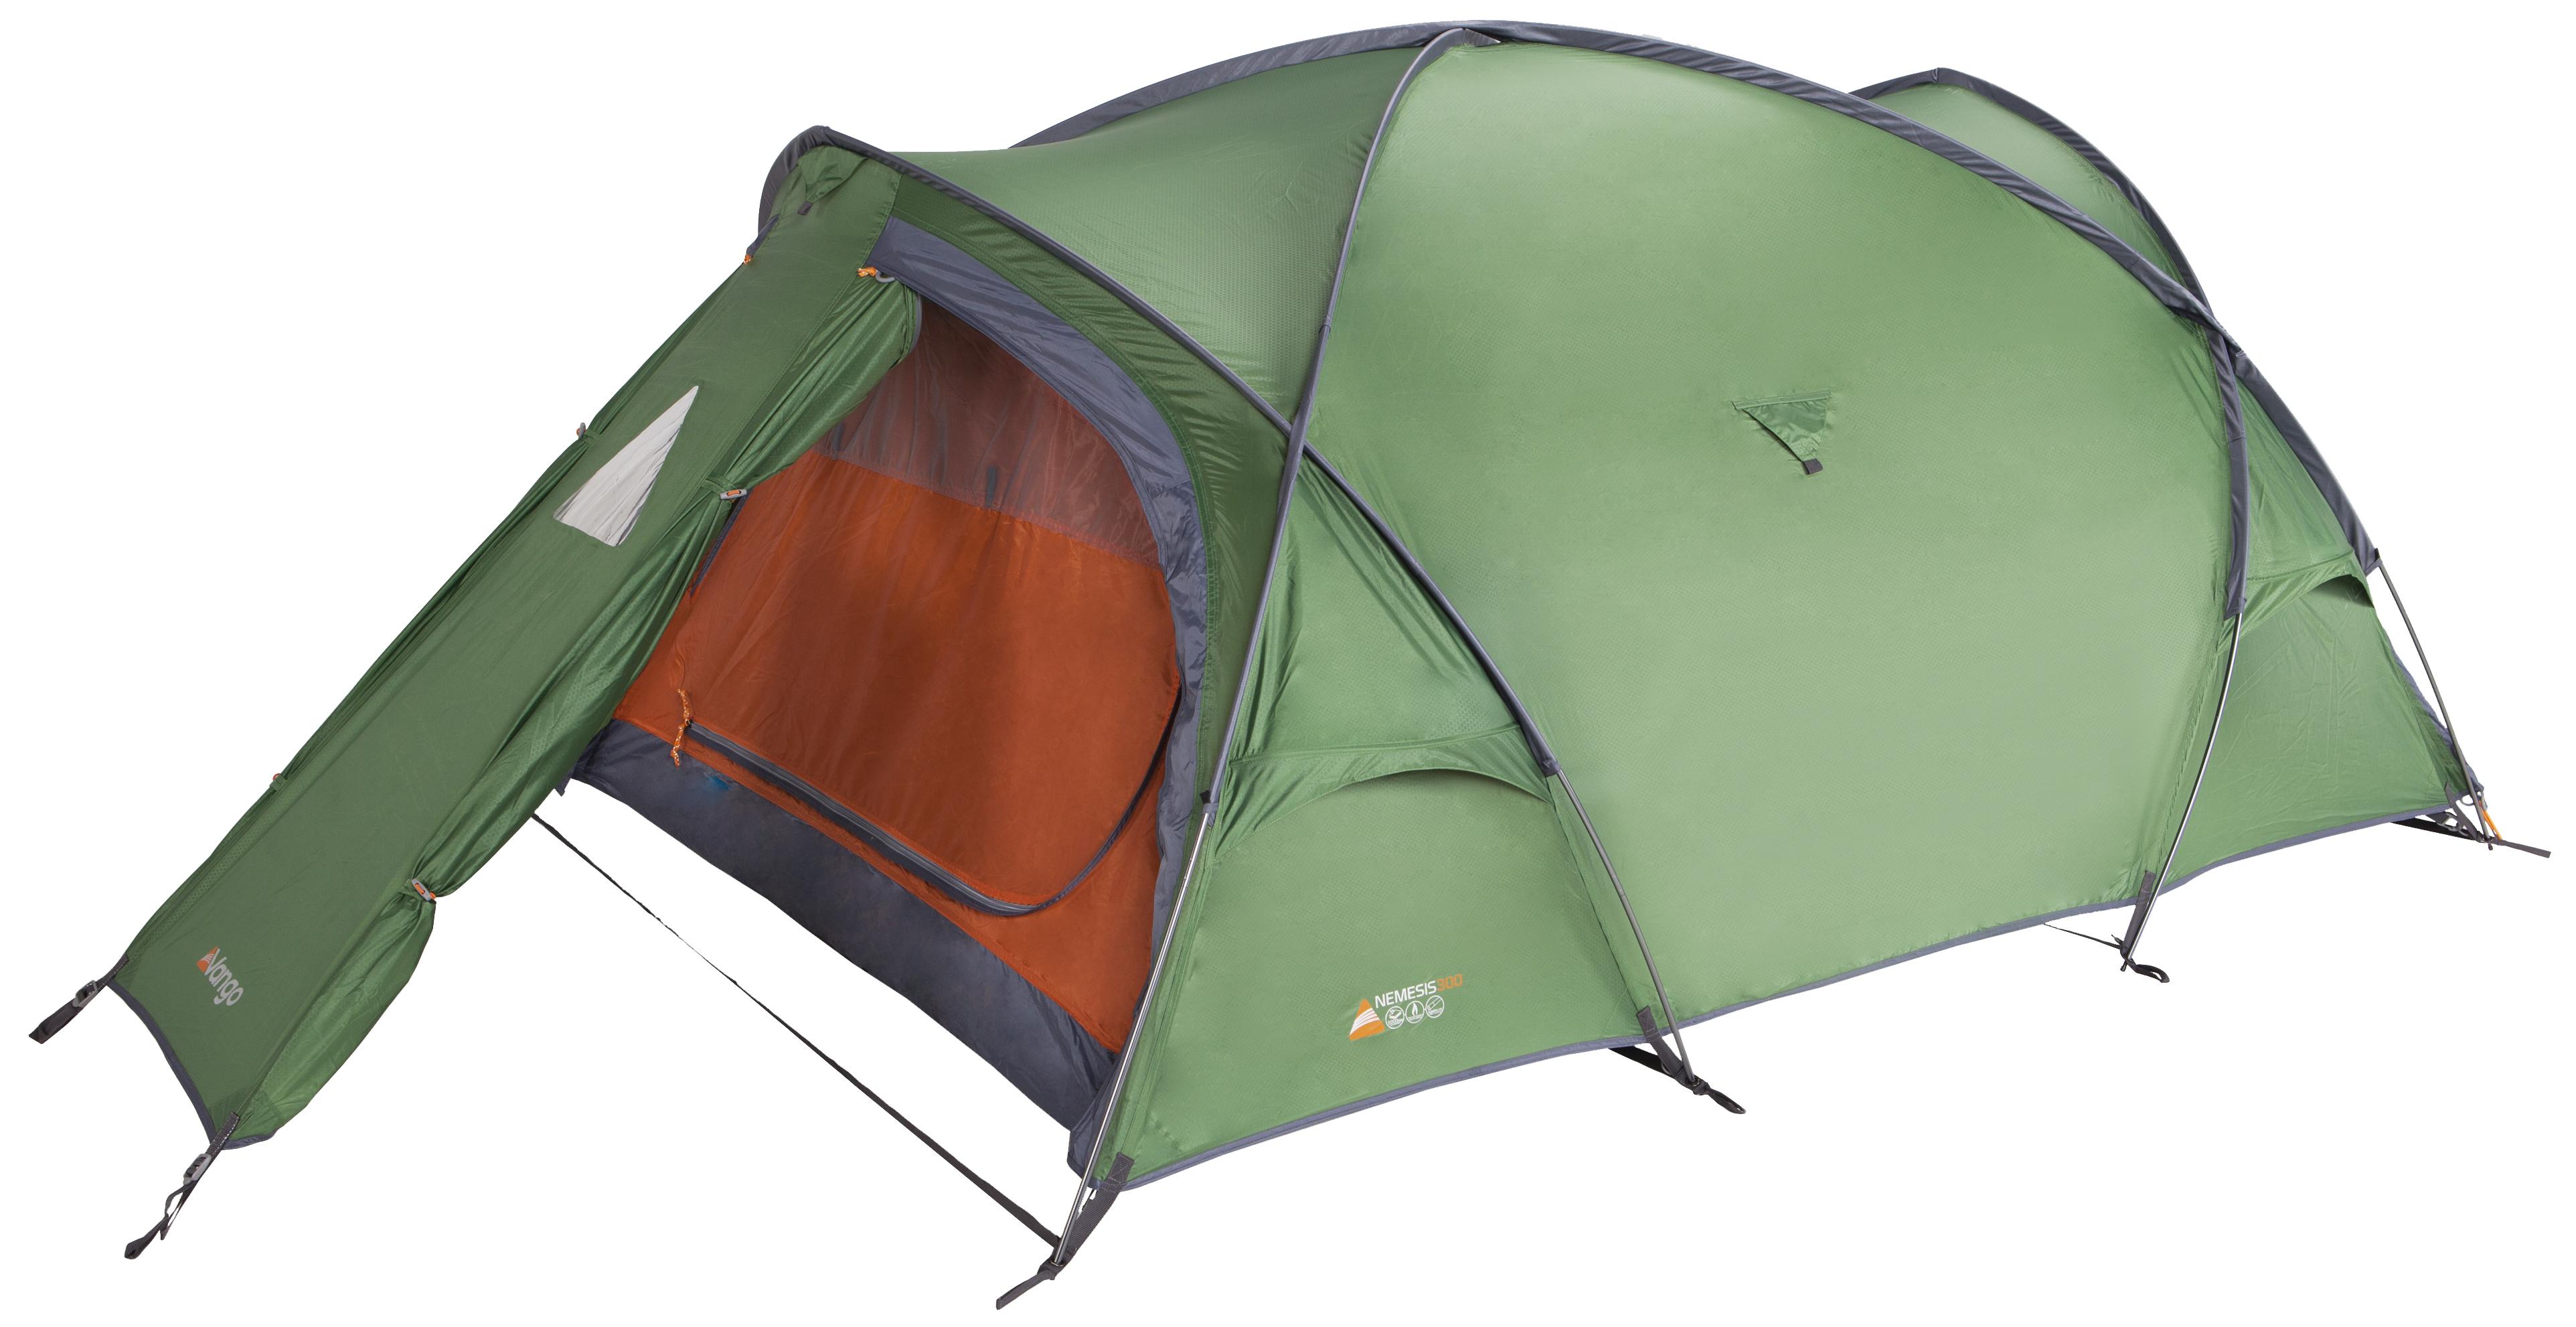 Vango Nemesis Trekking Tent